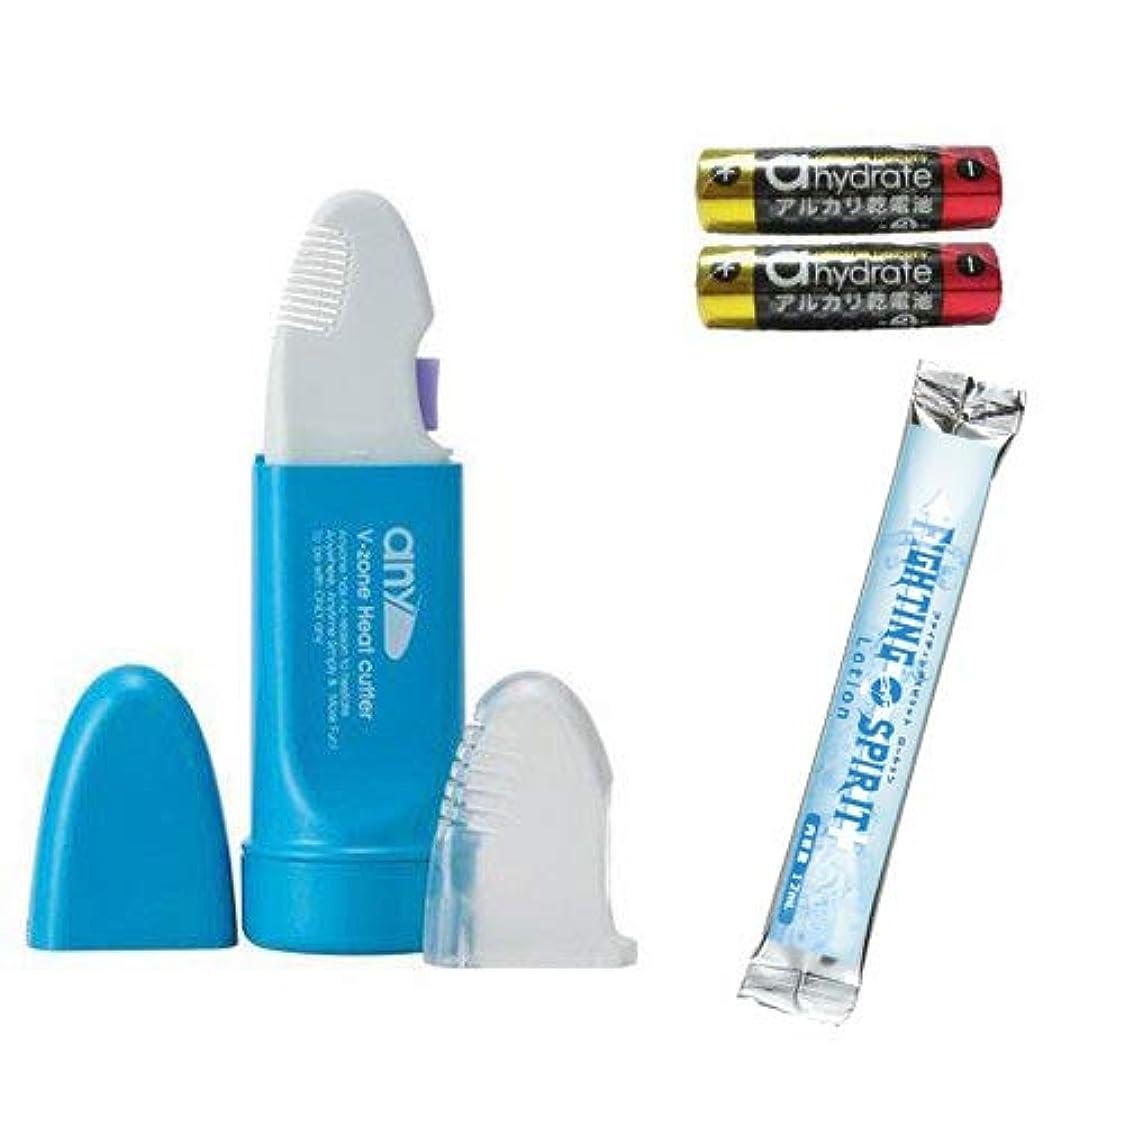 病院悪用カフェテリアV-Zone Heat Cutter any(エニィ) Stylish マリンブルー + 単3アルカリ電池2本付きセット + ファイティングスピリットローション(12mL) 付き